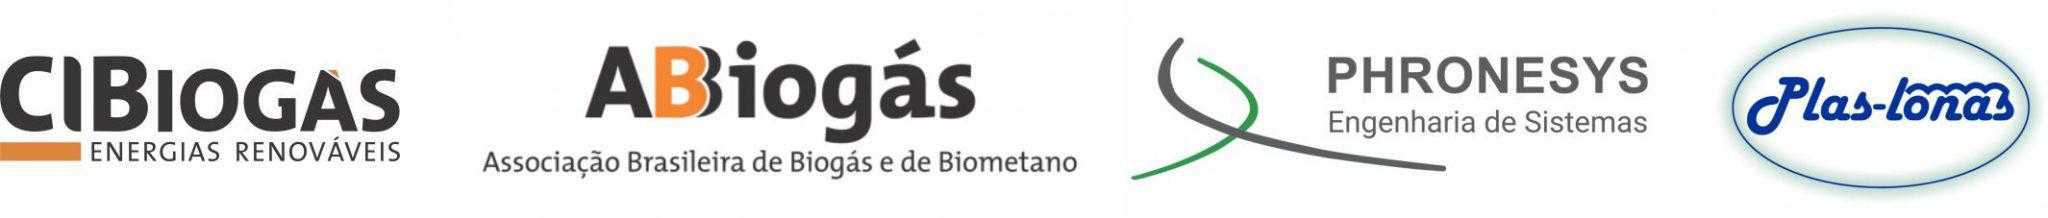 empresas parceiras no desenvolvimento de tecnologias para geração de energia com biogás